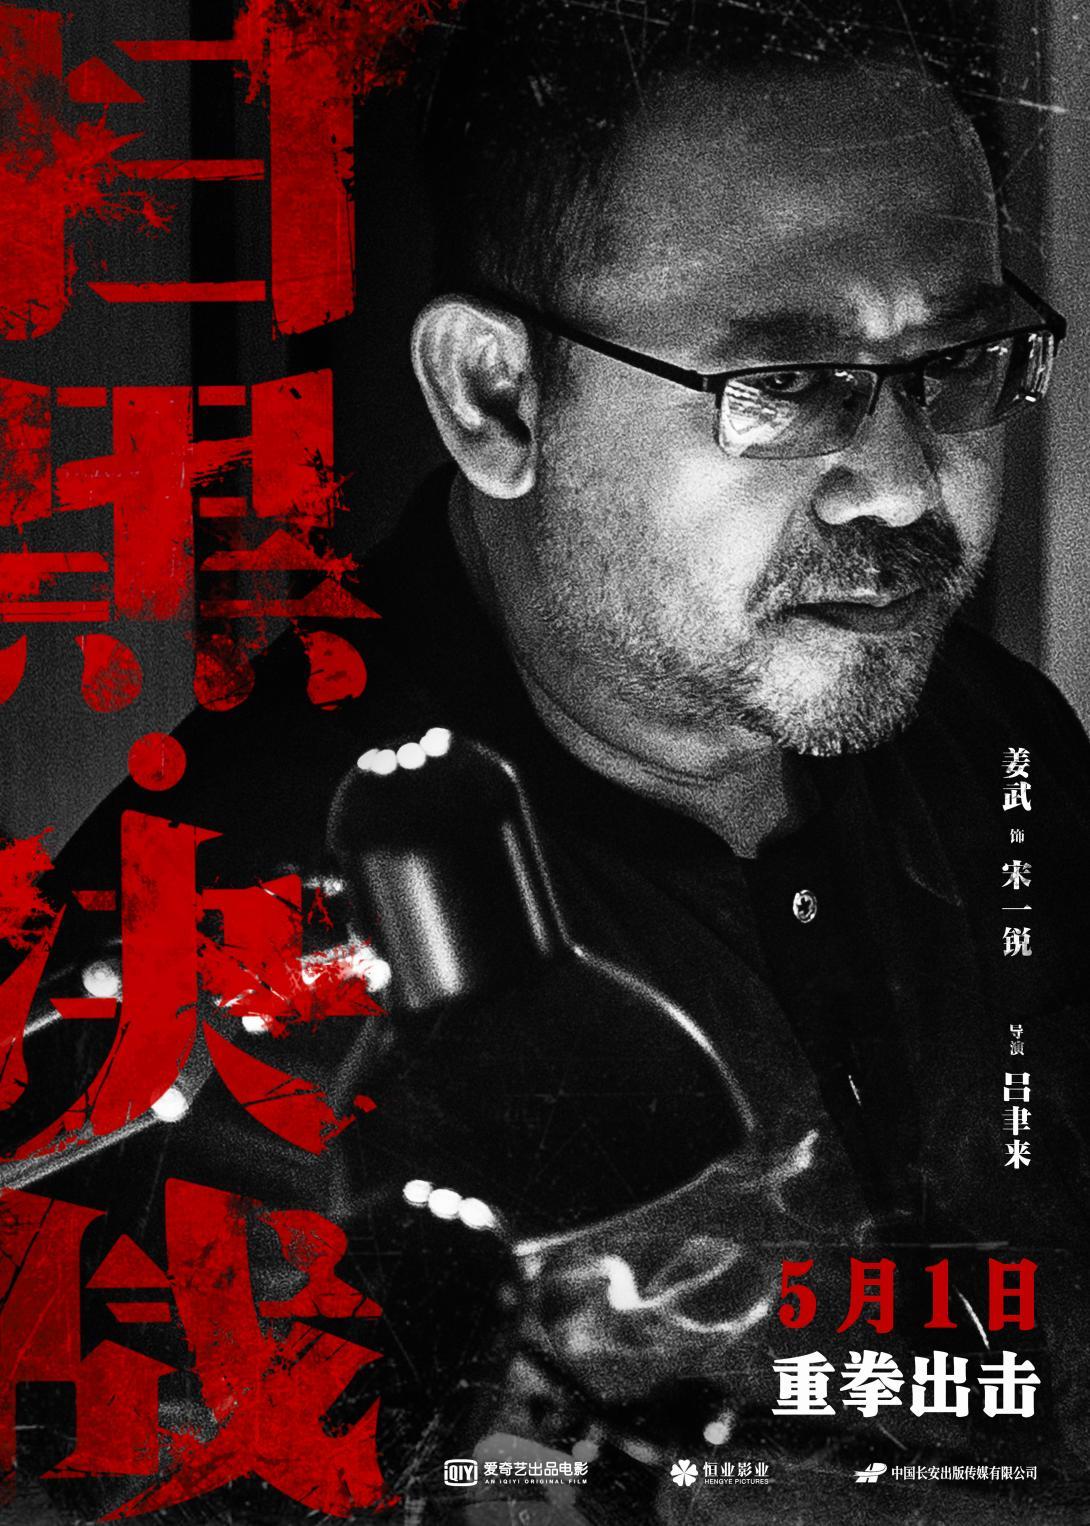 爱奇艺出品电影《扫黑·决战》今日全国公映 上座率排名第二